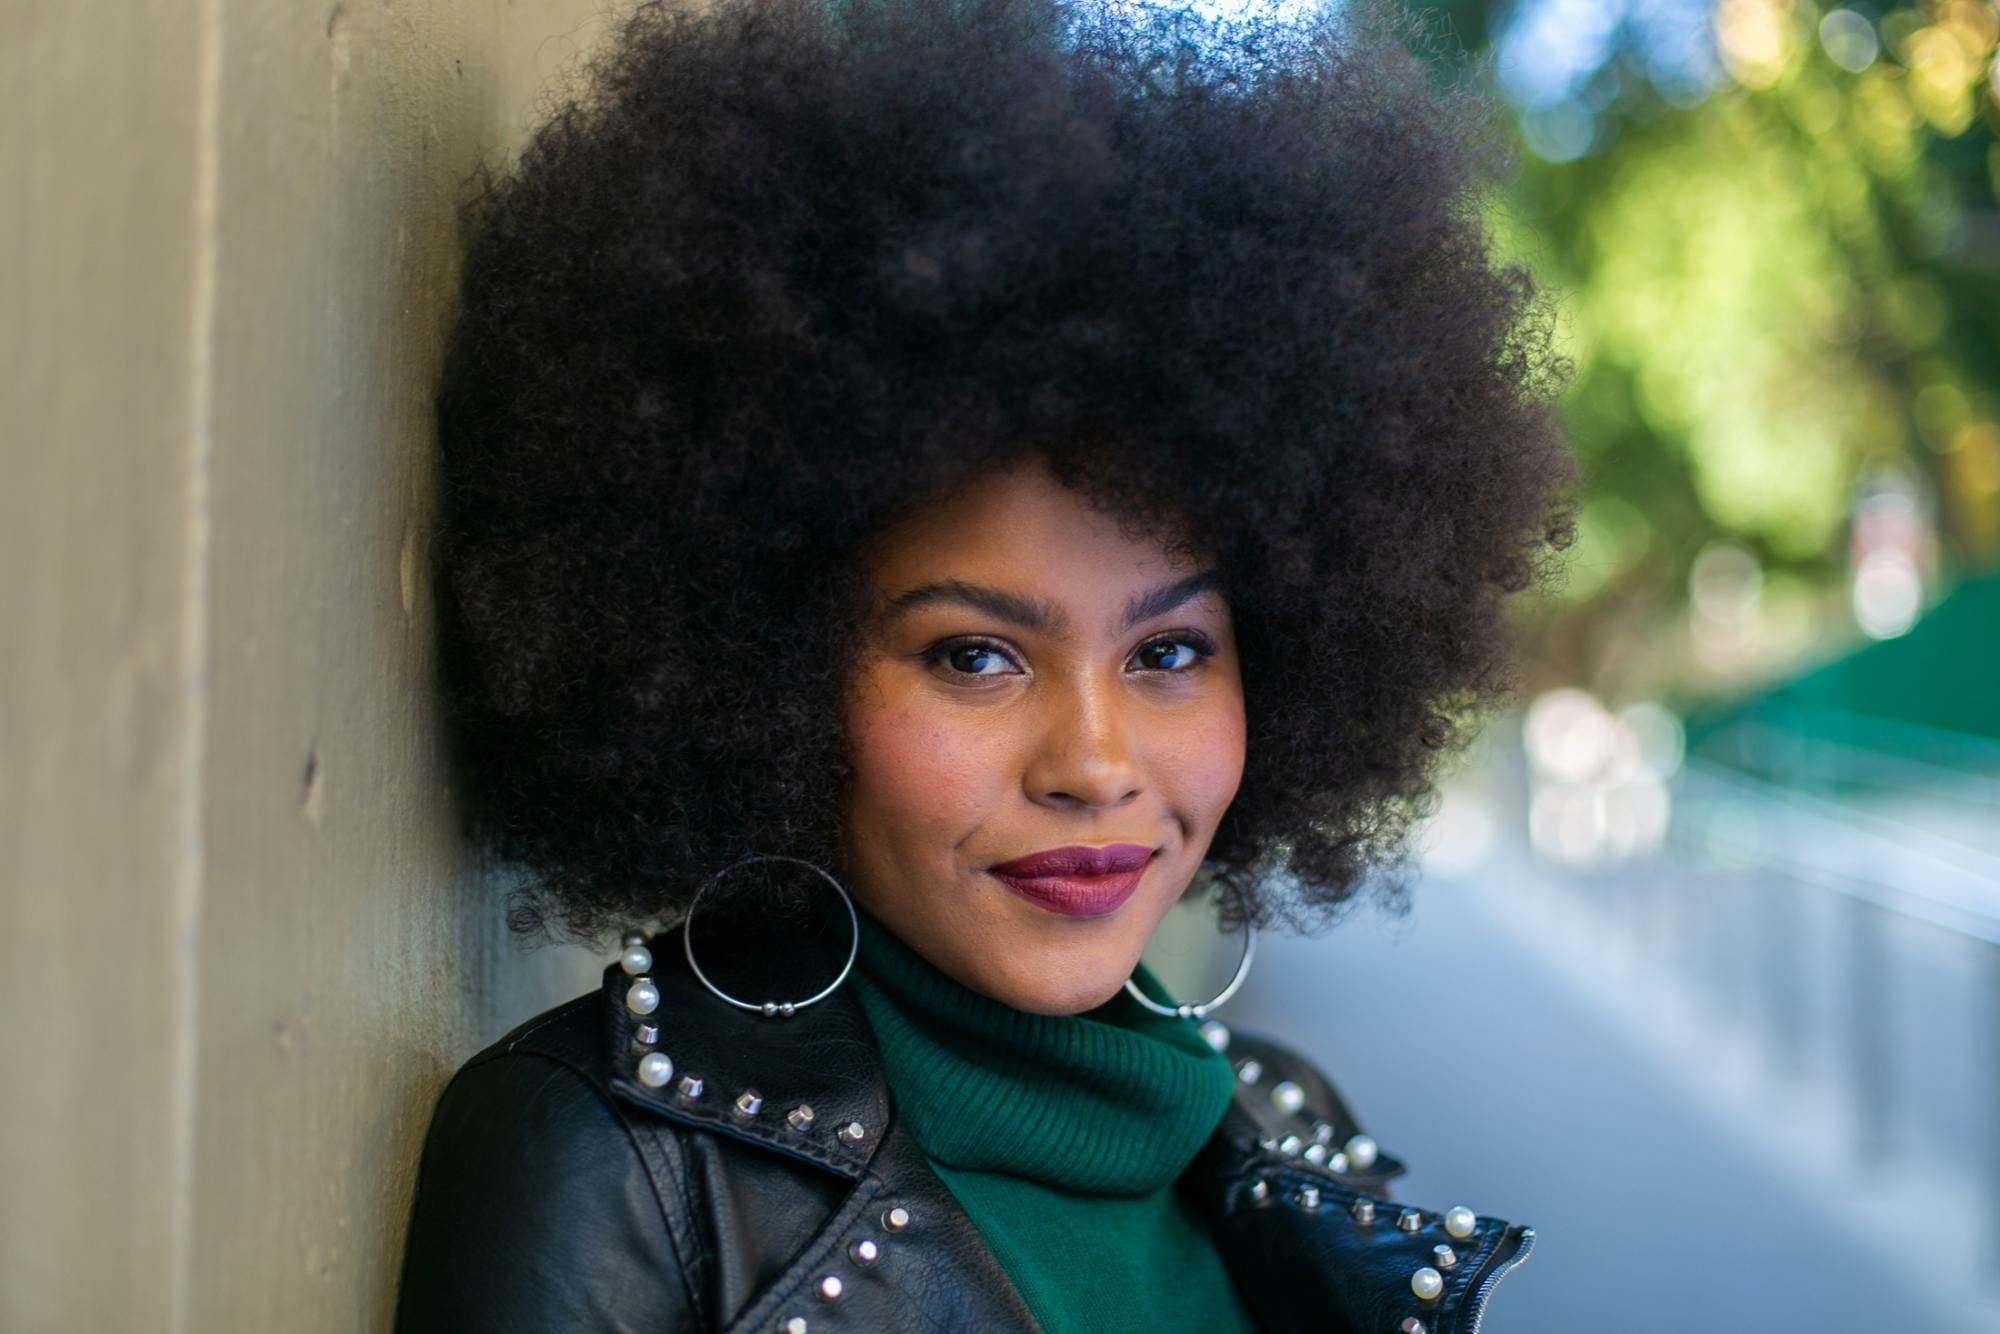 Modelo corte de cabelo curto estilo black power